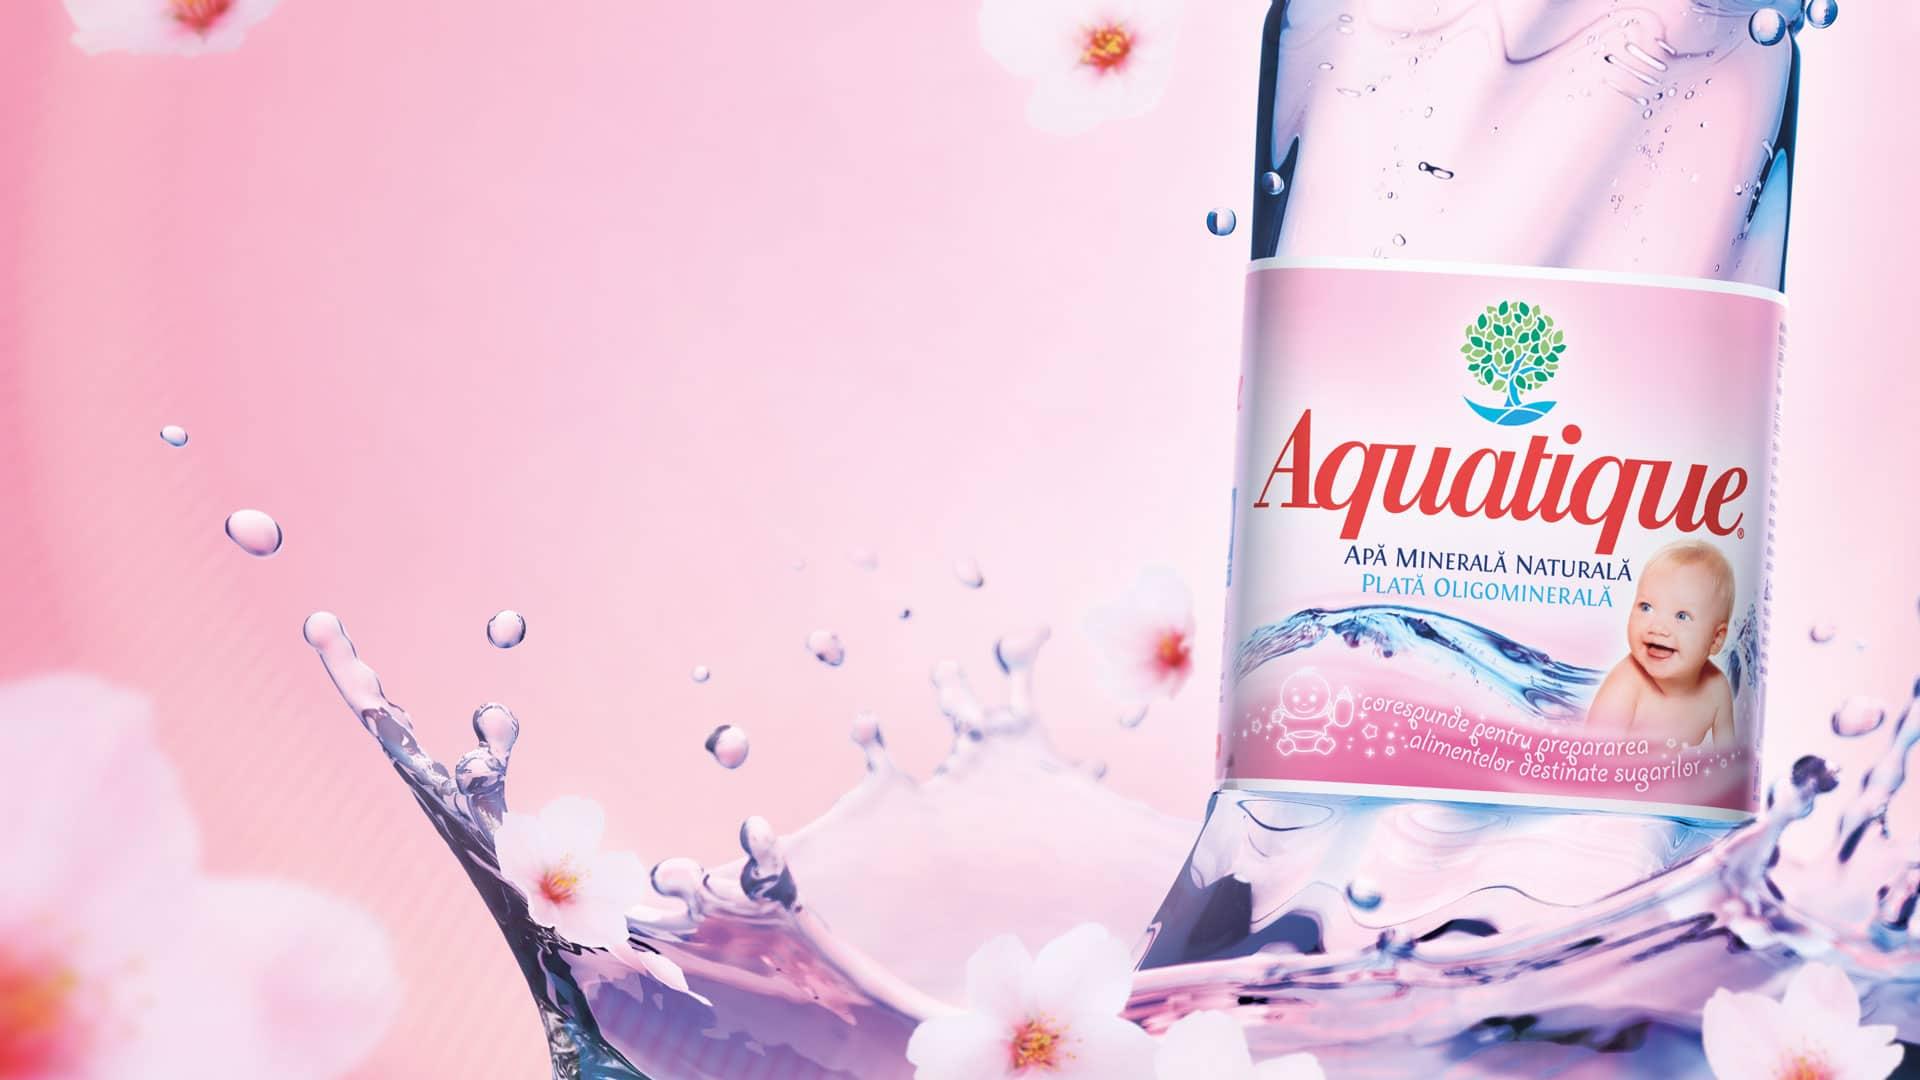 Apa minerala naturala Aquatique